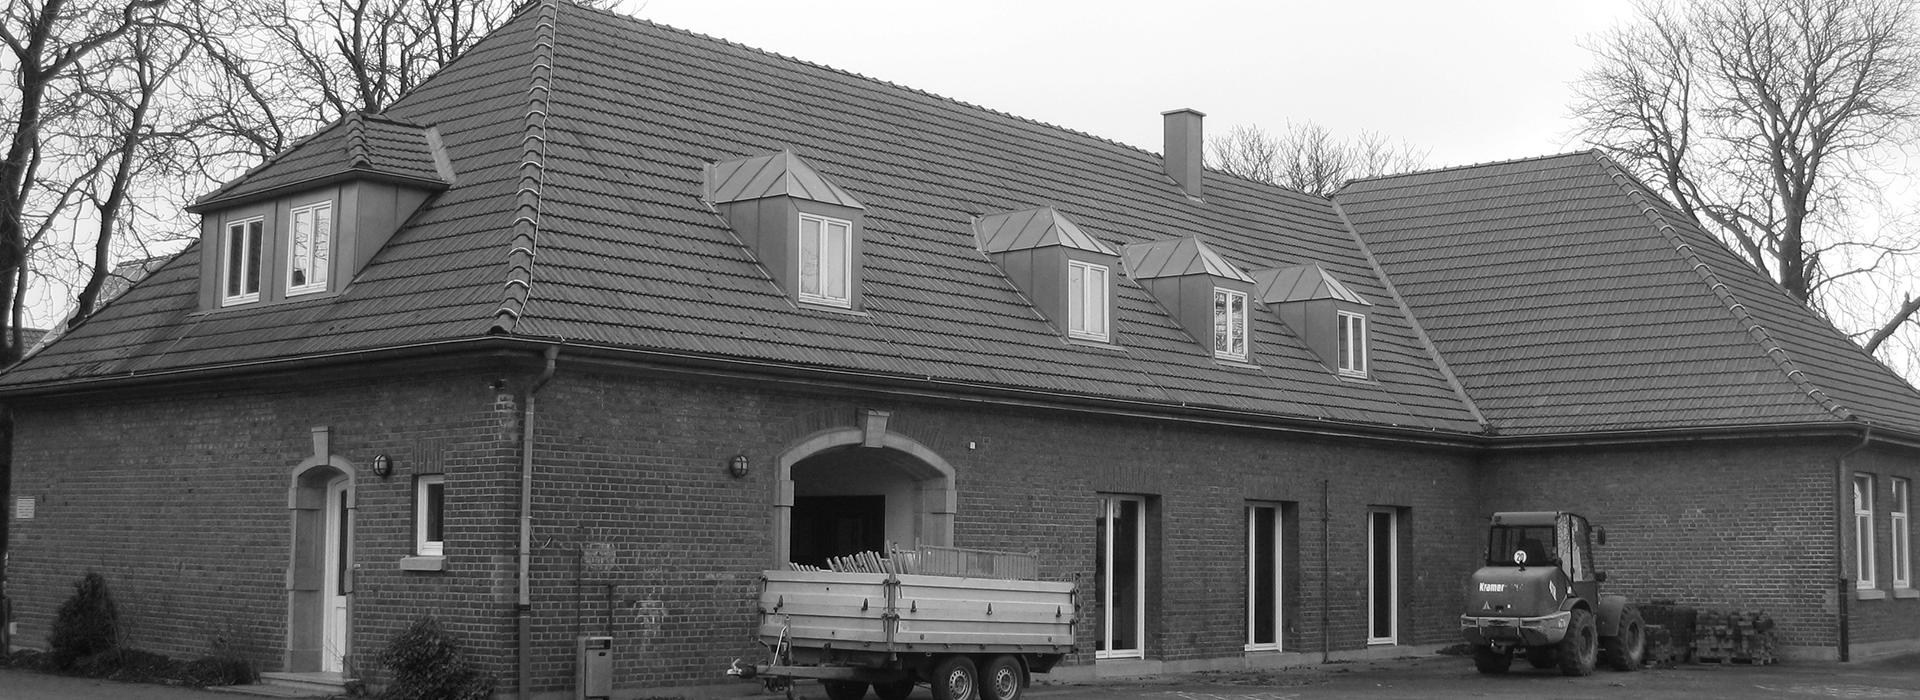 Gesundheitszentrum LUDGERUSHOF - Aussenansicht Grundschule